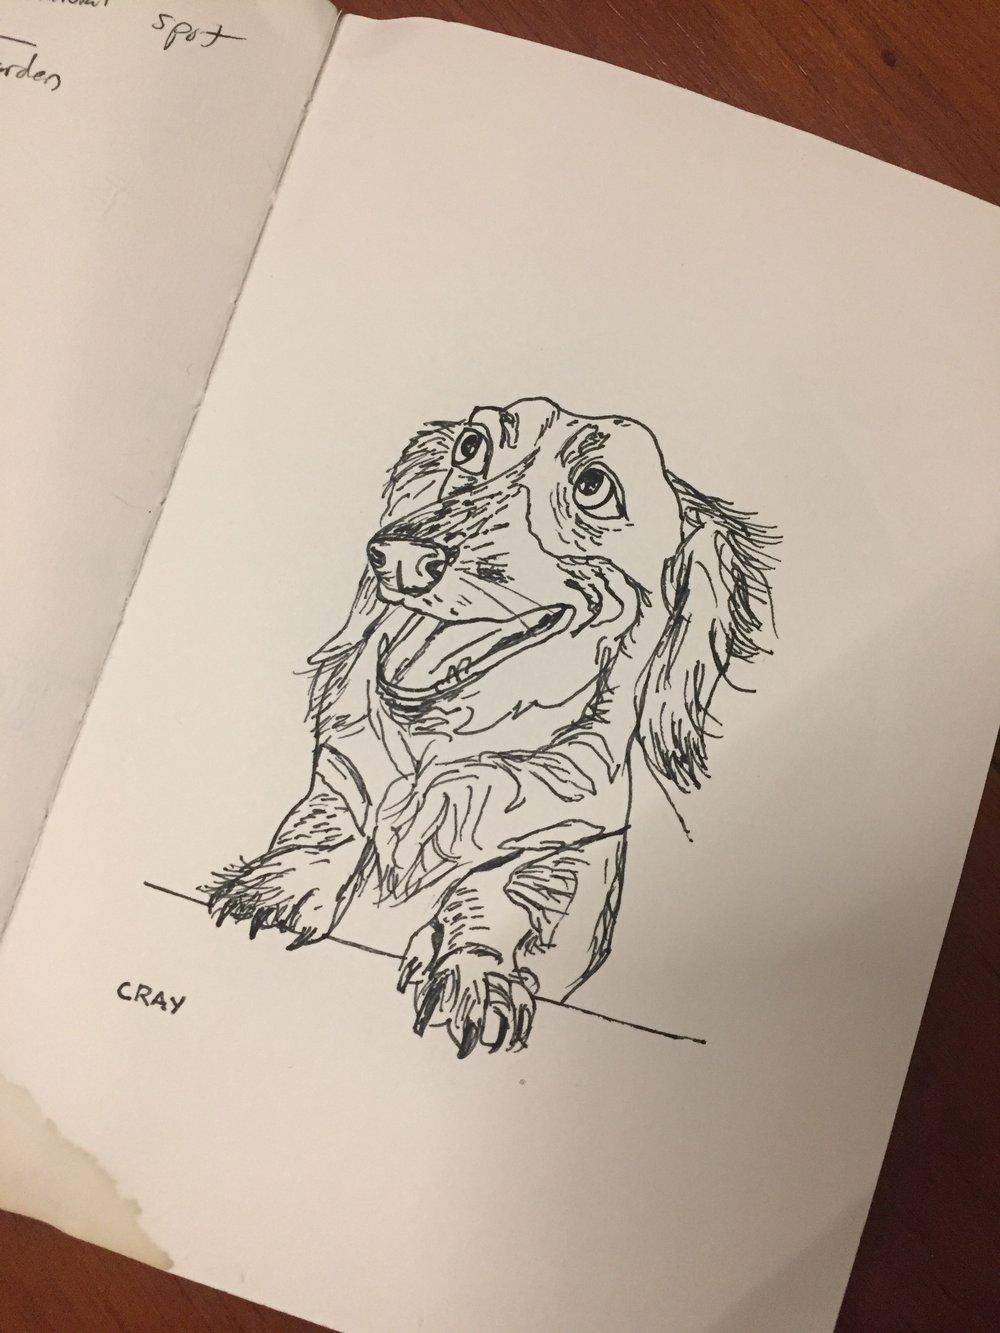 Crayola.  Quick sketch. My always happy dachshund.